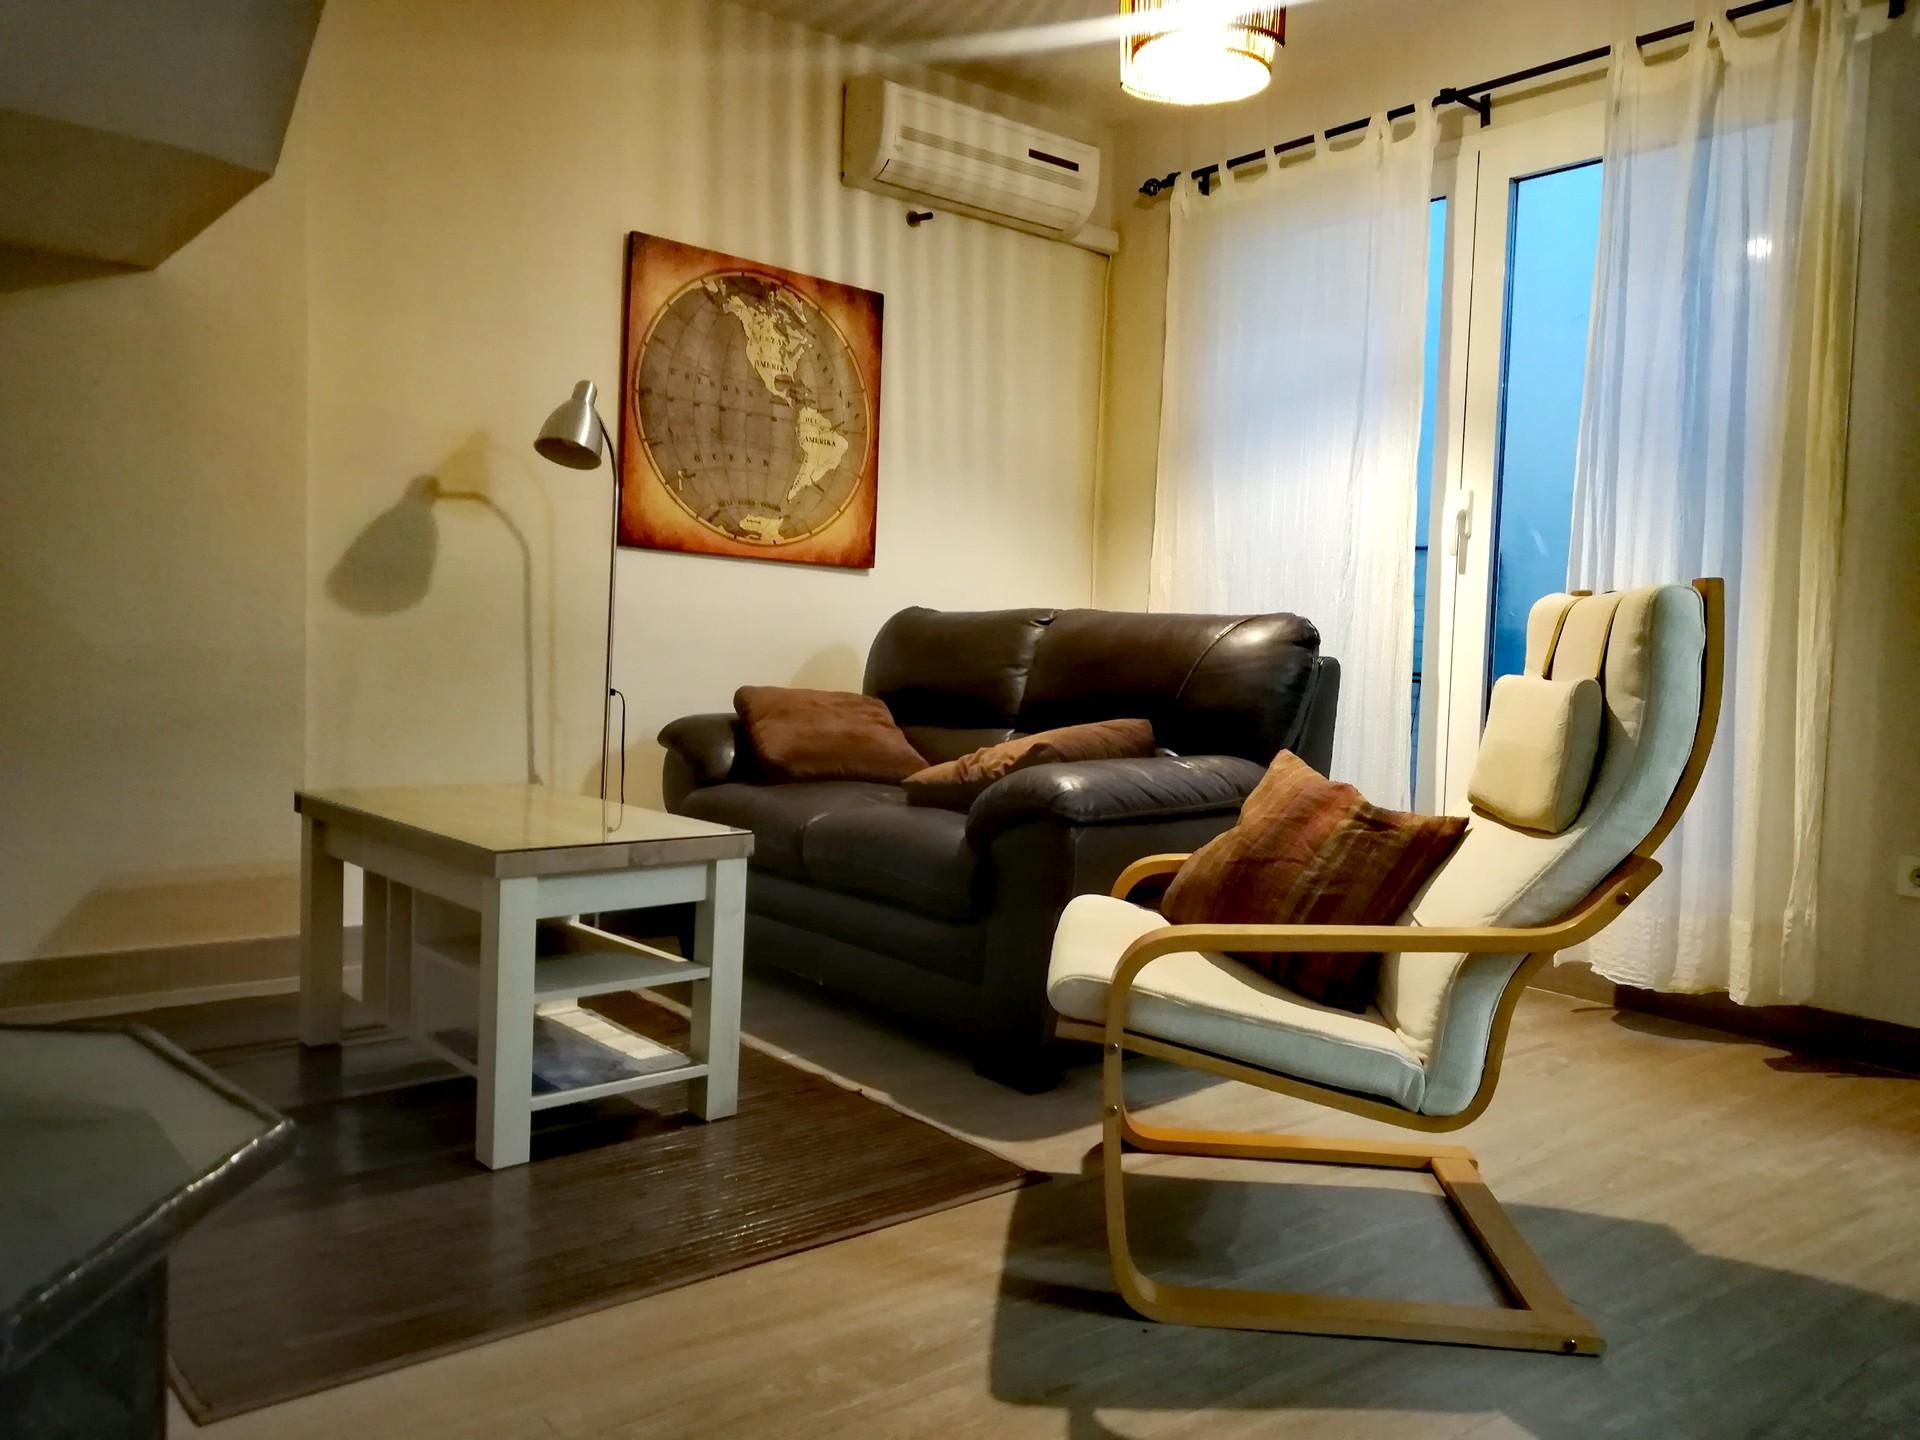 Más de 288 apartamentos turísticos para disfrutar de tus vacaciones. Apartamento Sevilla heliópolis   Alquiler habitaciones Sevilla